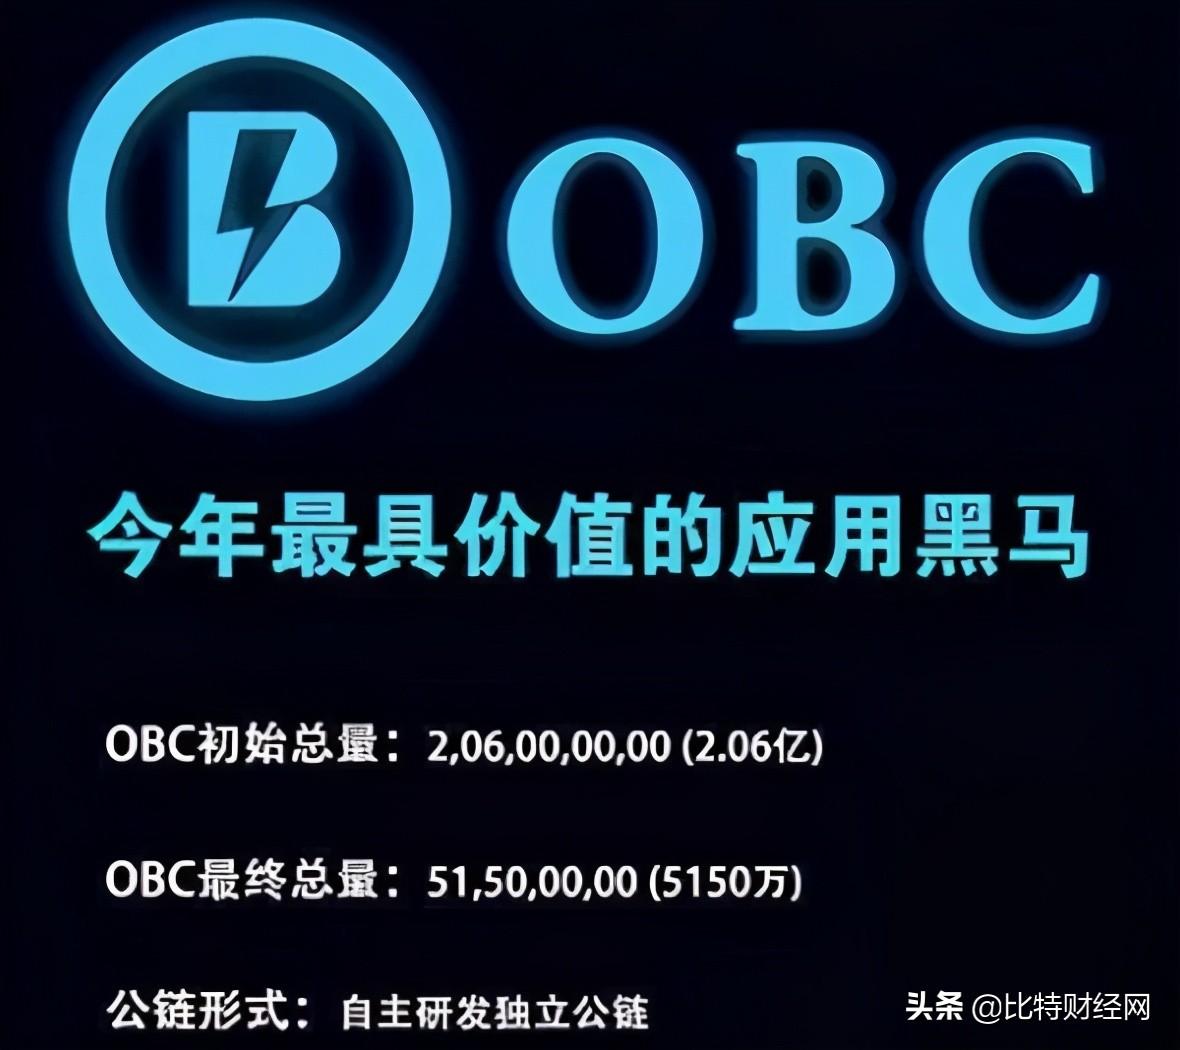 「欧贝链OBC项目」崩盘,假公链真传销,60多万会员上当受骗